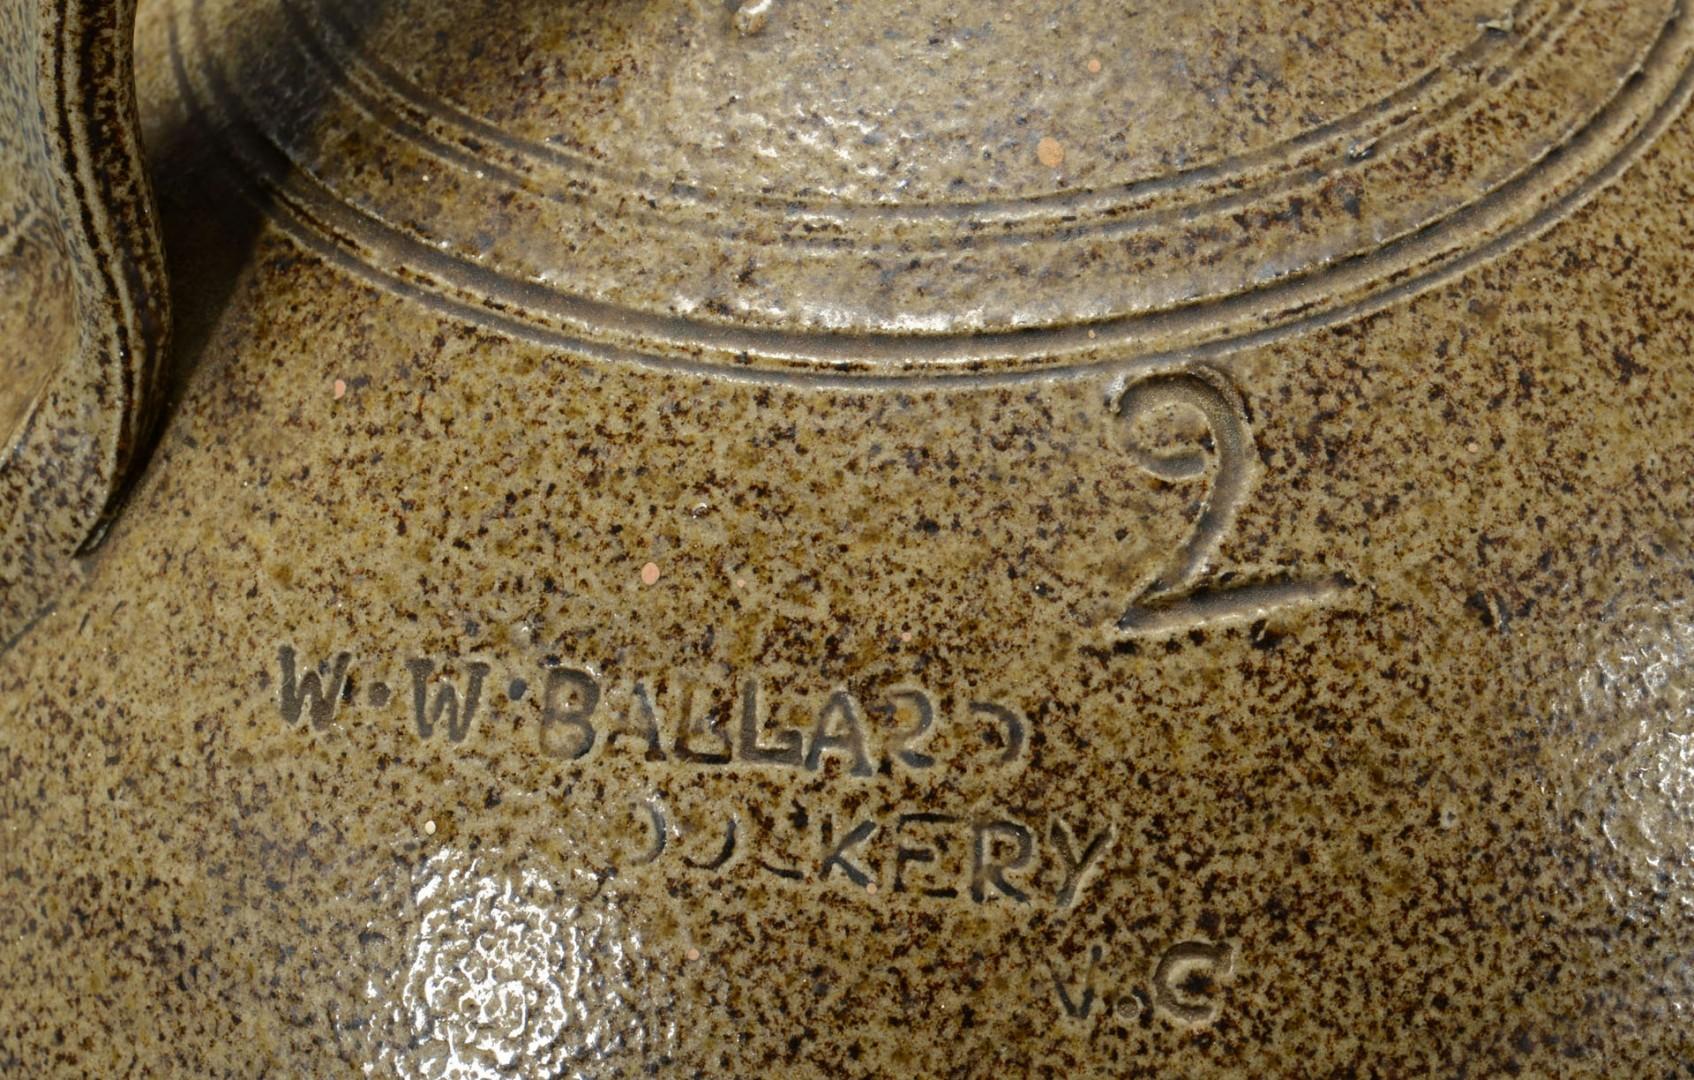 Lot 63: NC 2 Gallon Jug W.W. Ballard